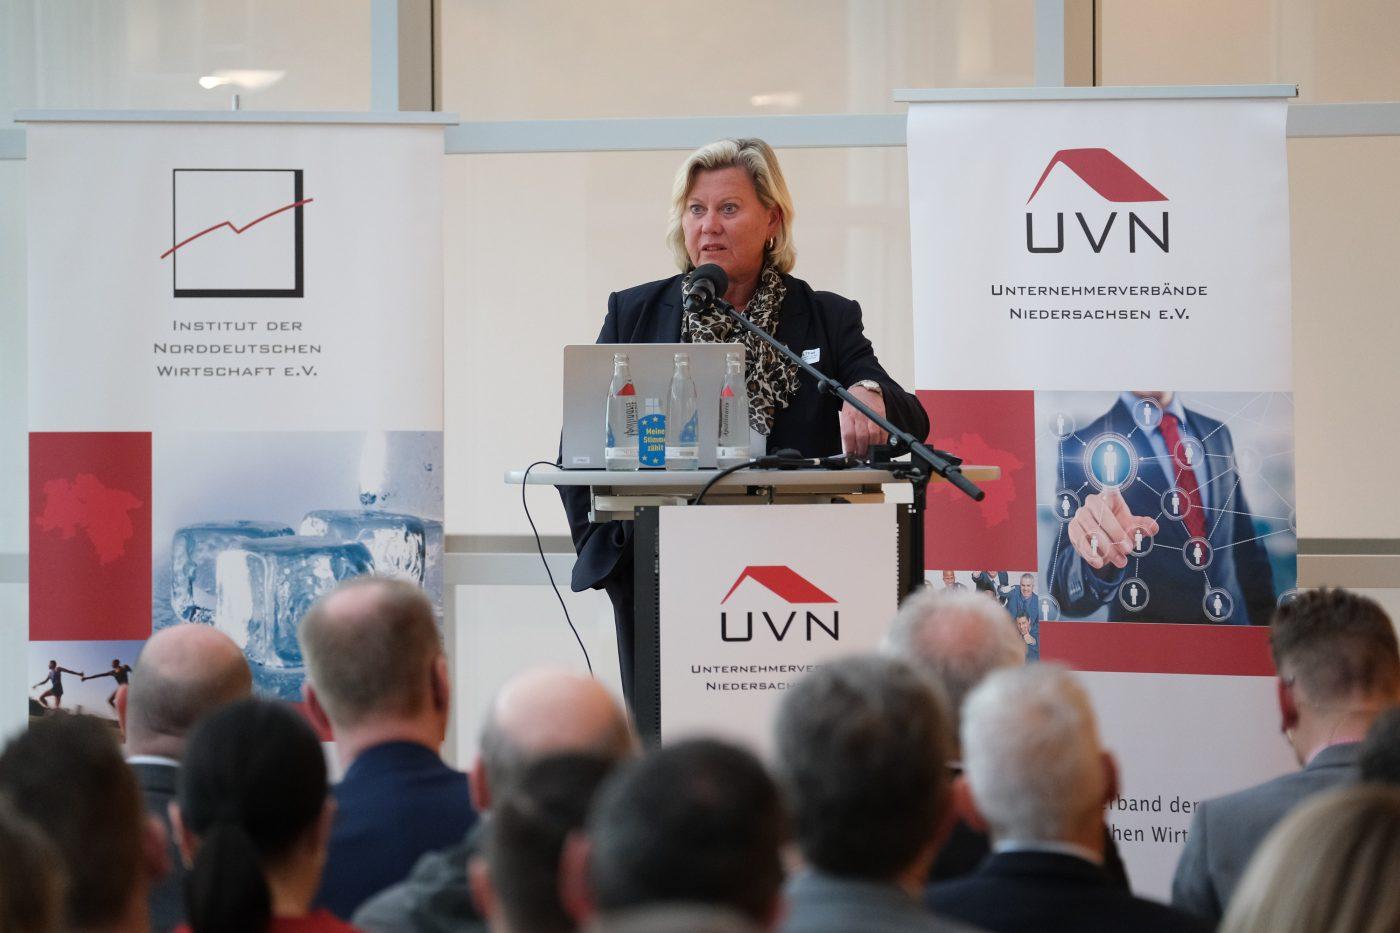 ZU FRAGEN DER ZEIT: Datenschutz - gewusst wie! (DSGVO)